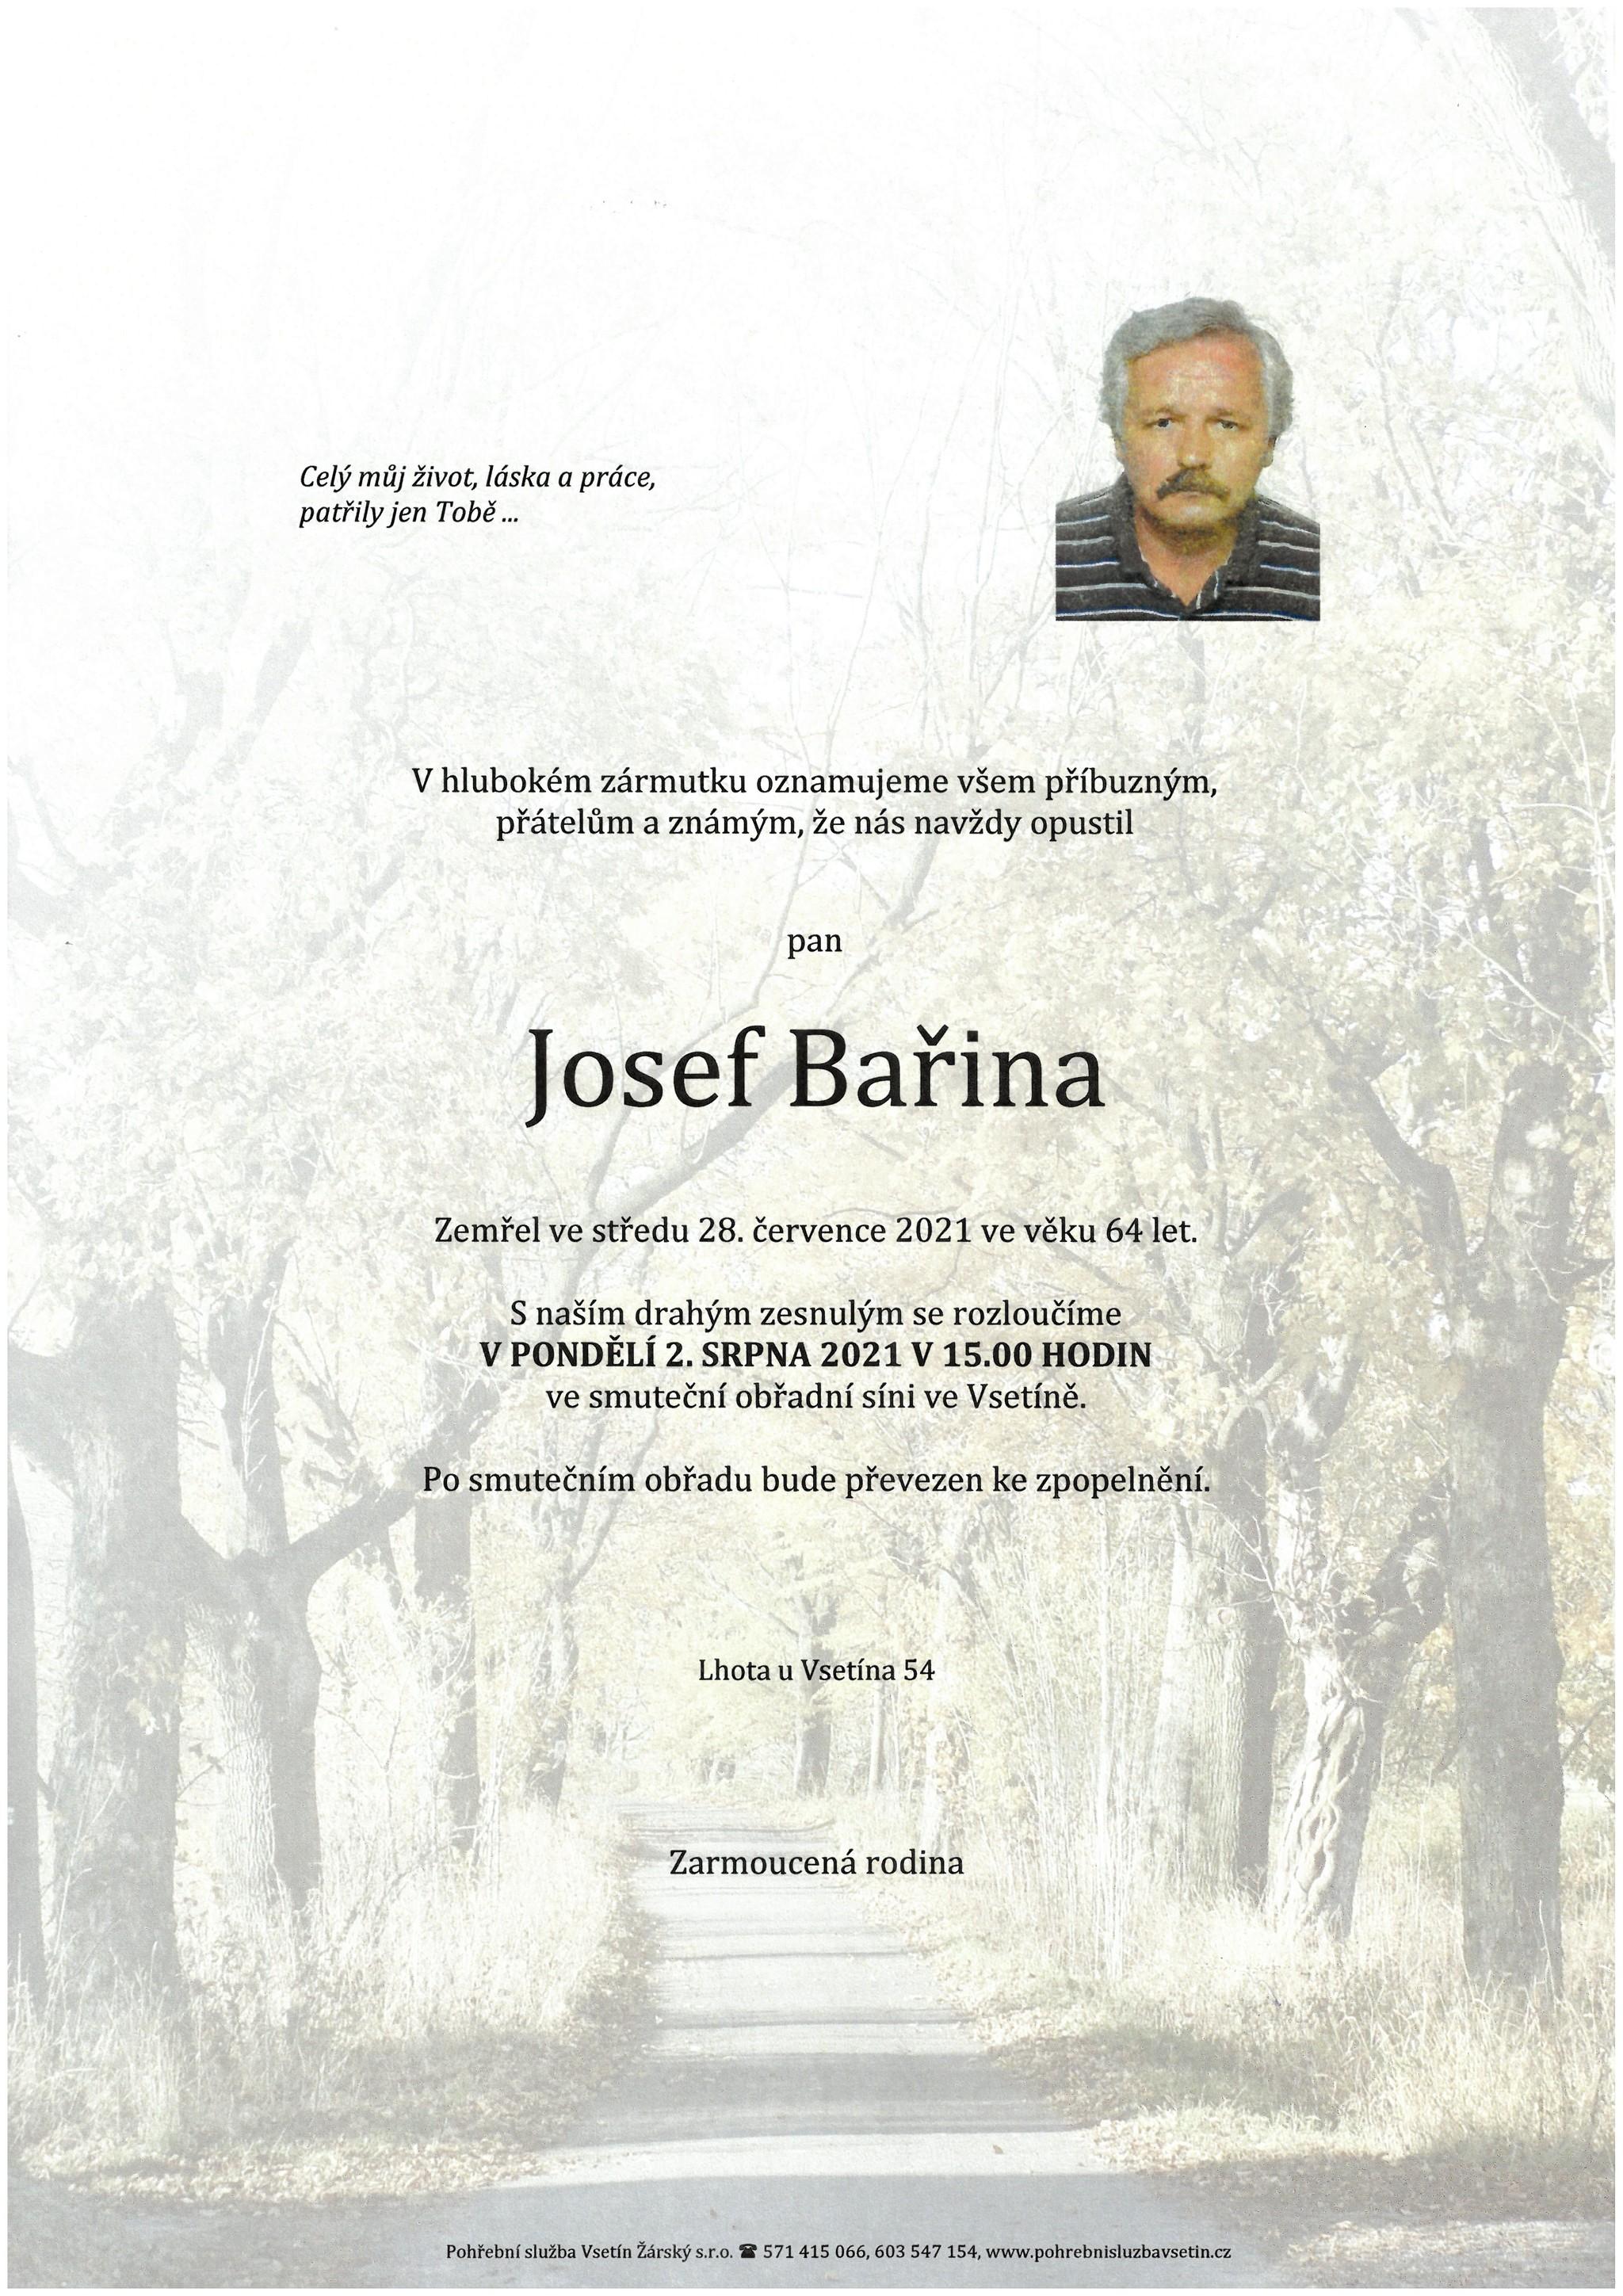 Josef Bařina